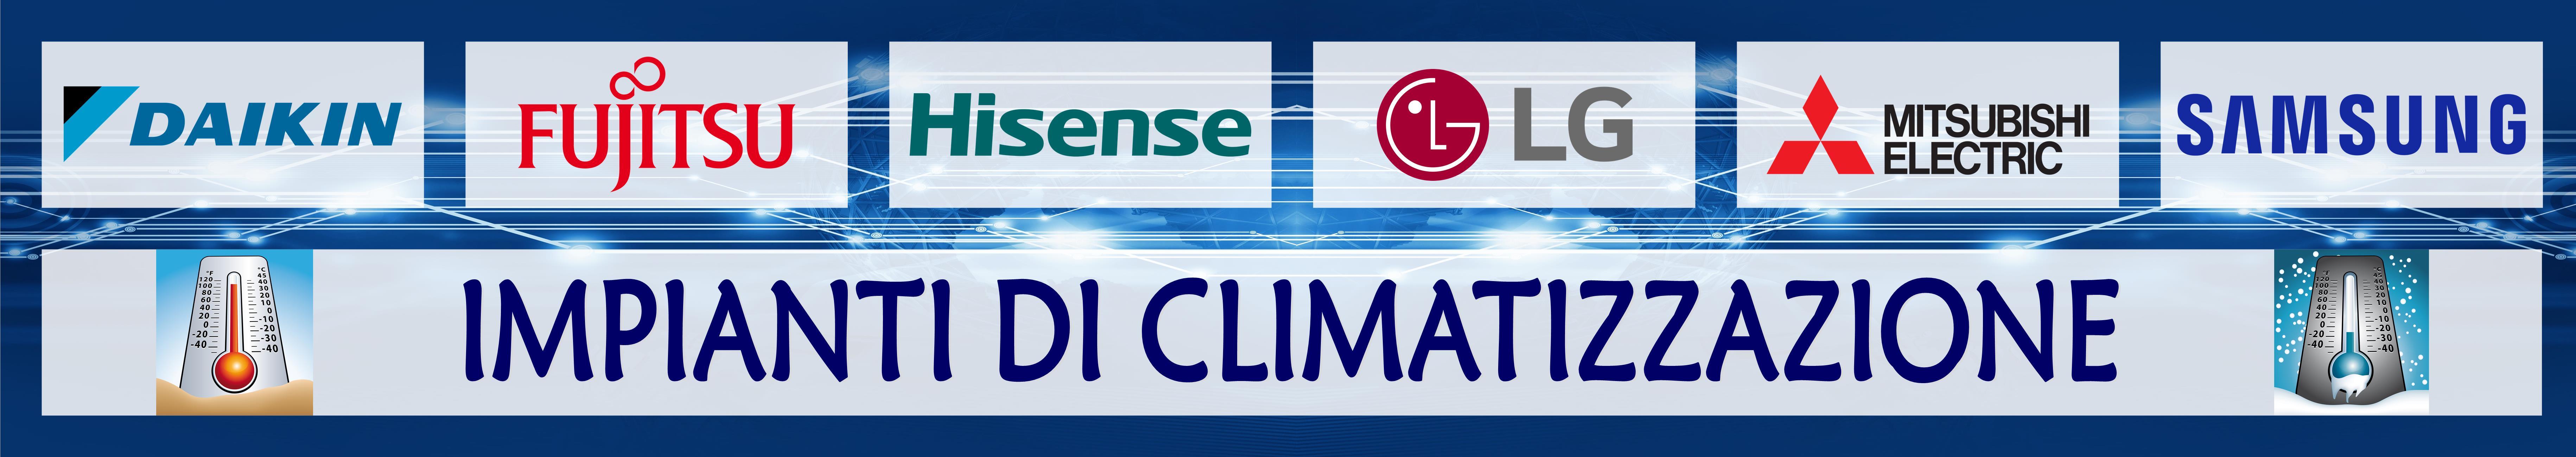 Daikin-Moncalier-Torino-Impianti-di-Climatizzazione(1)